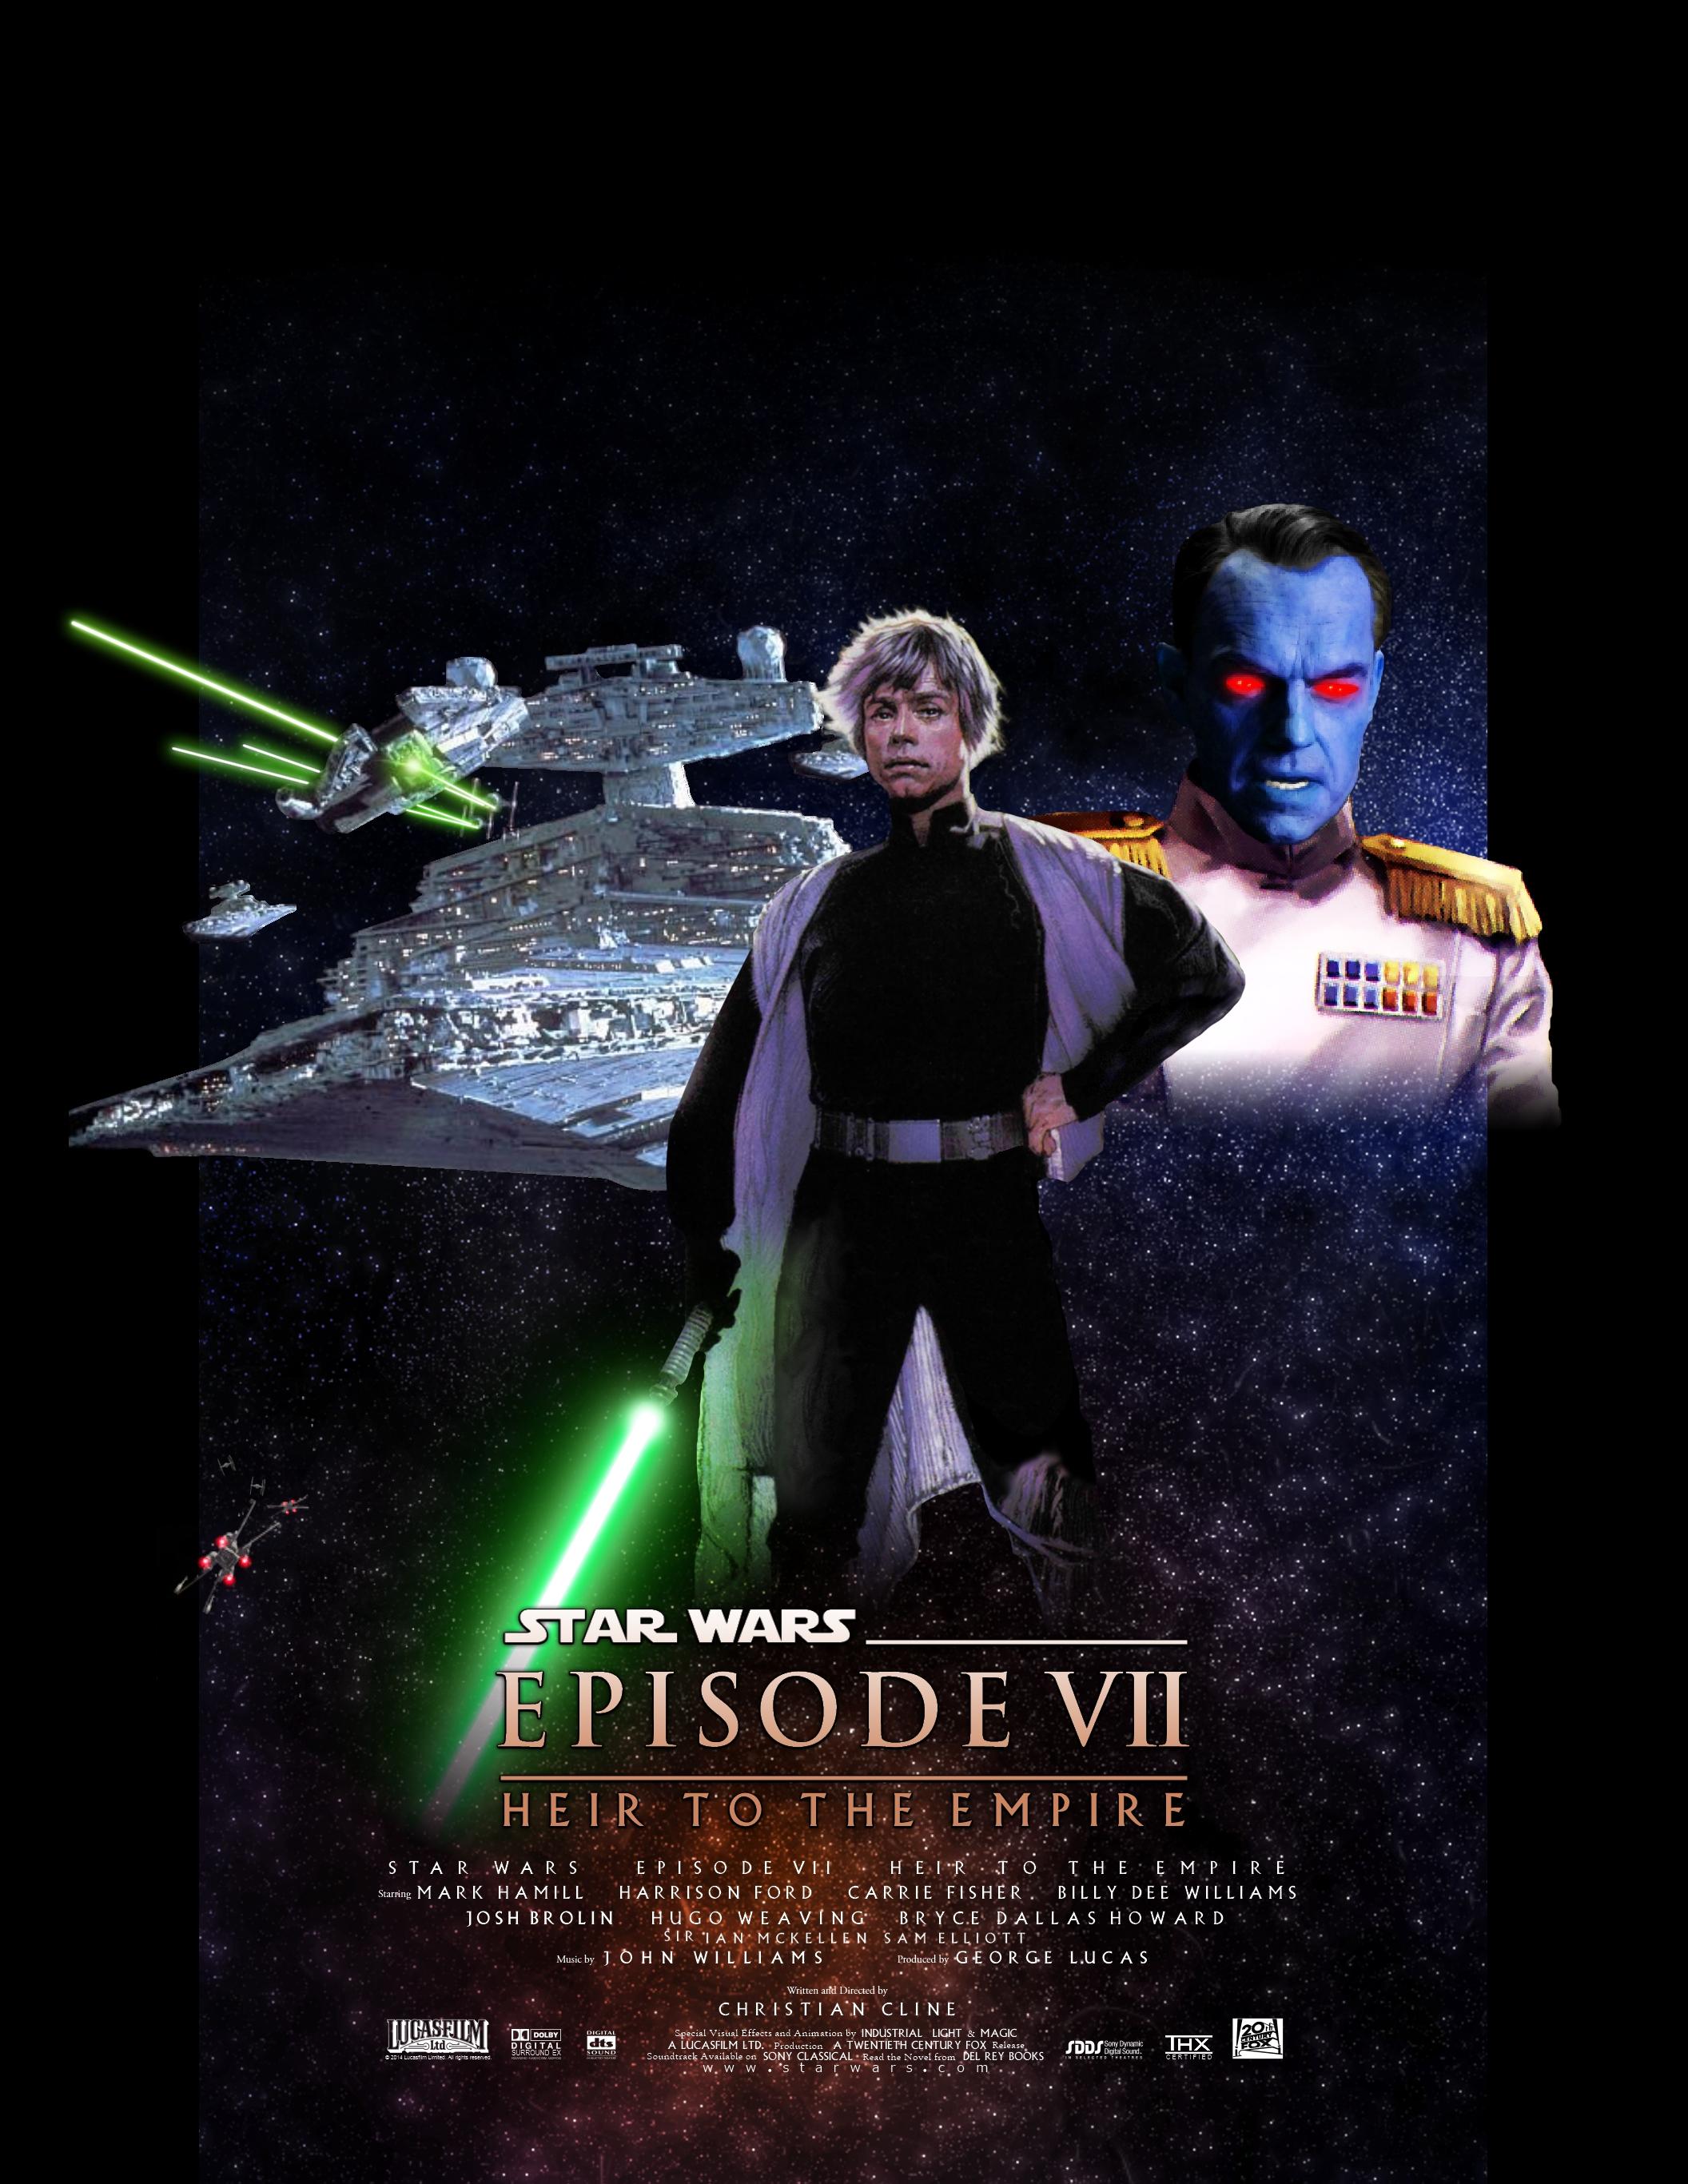 WIP - Star Wars Episode VII Movie Poster by Joeshmoe59697